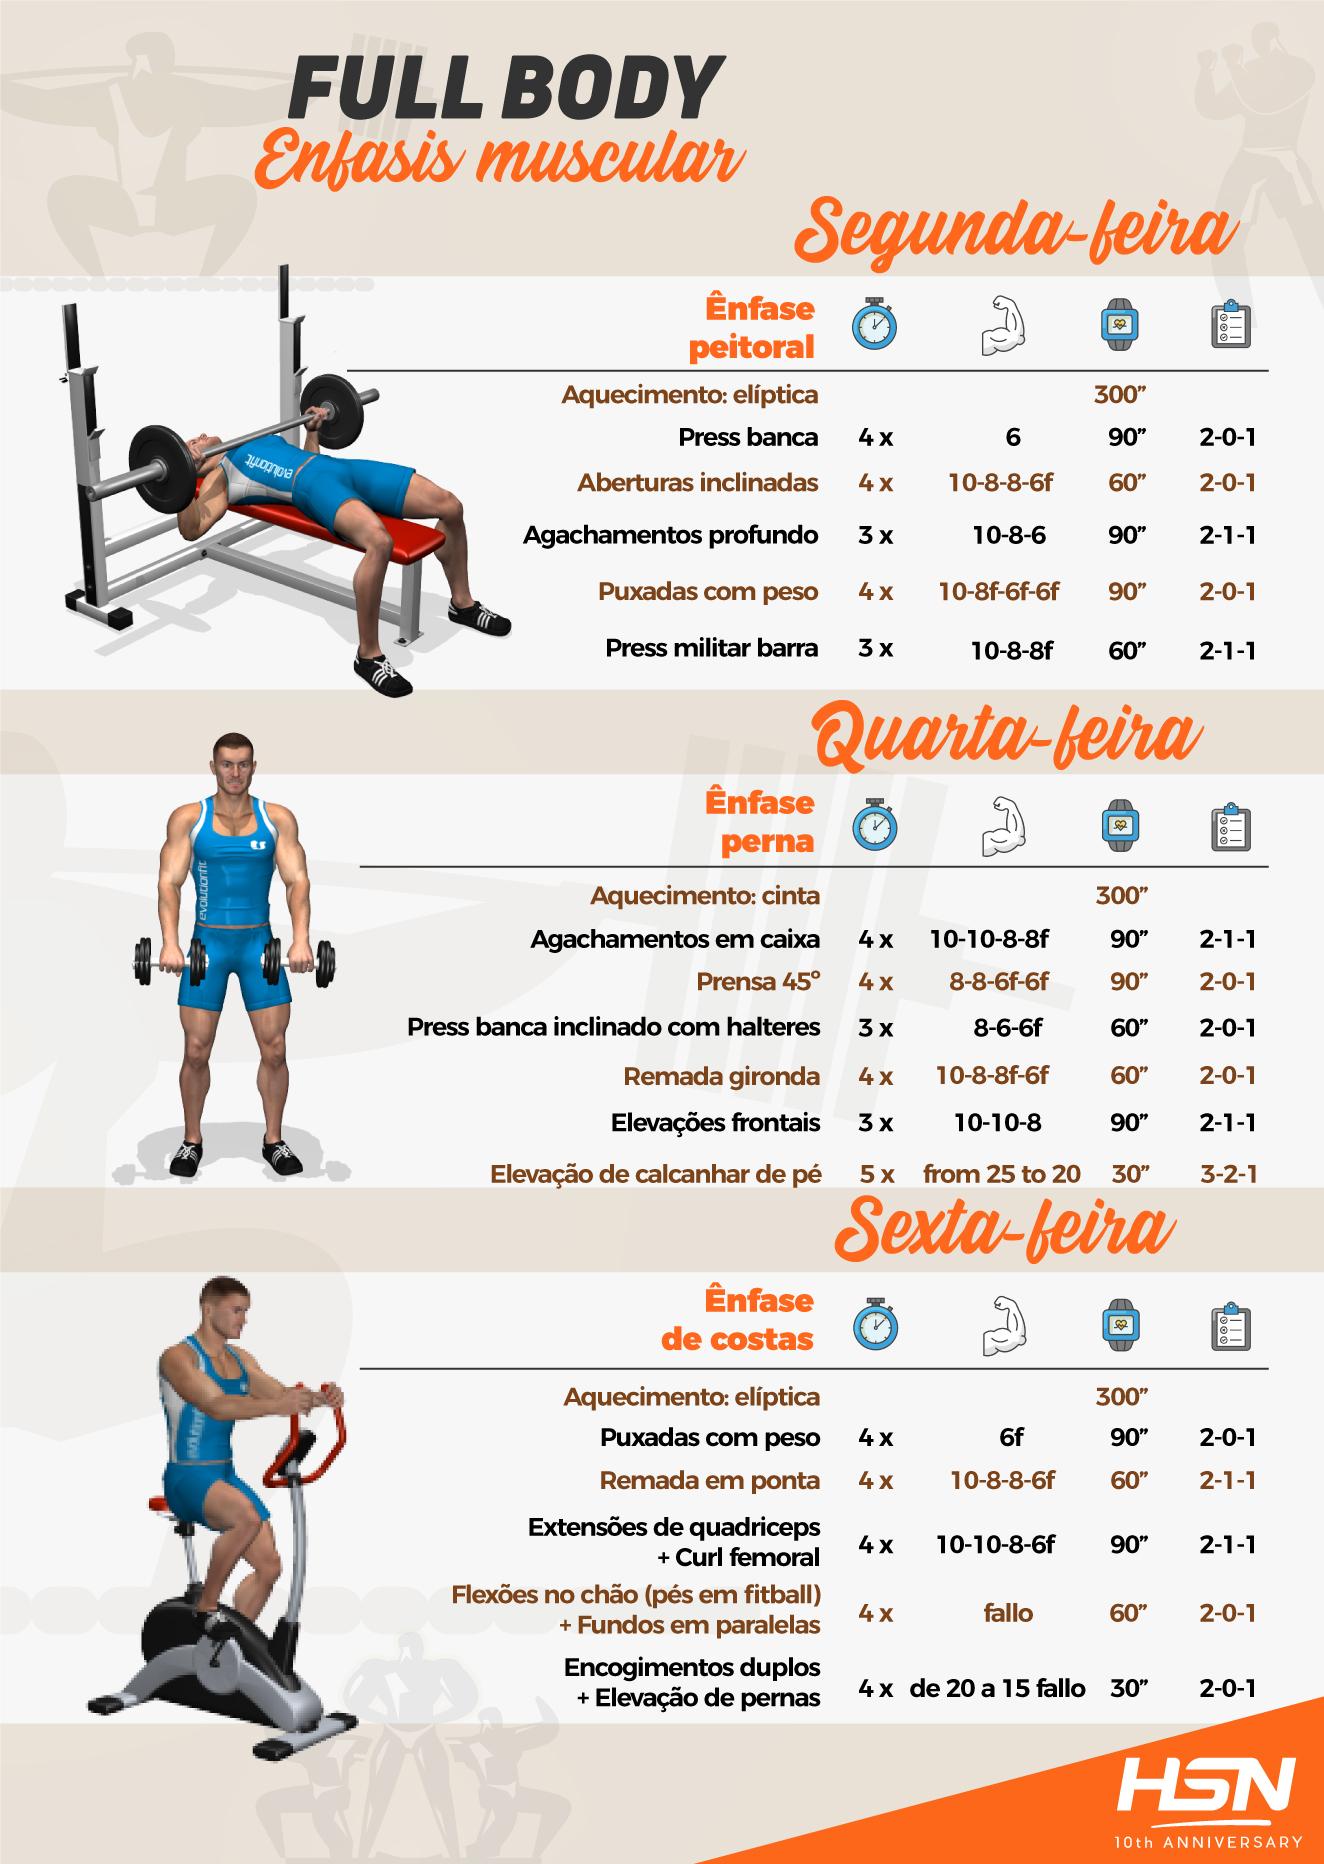 Full body enfasis muscular